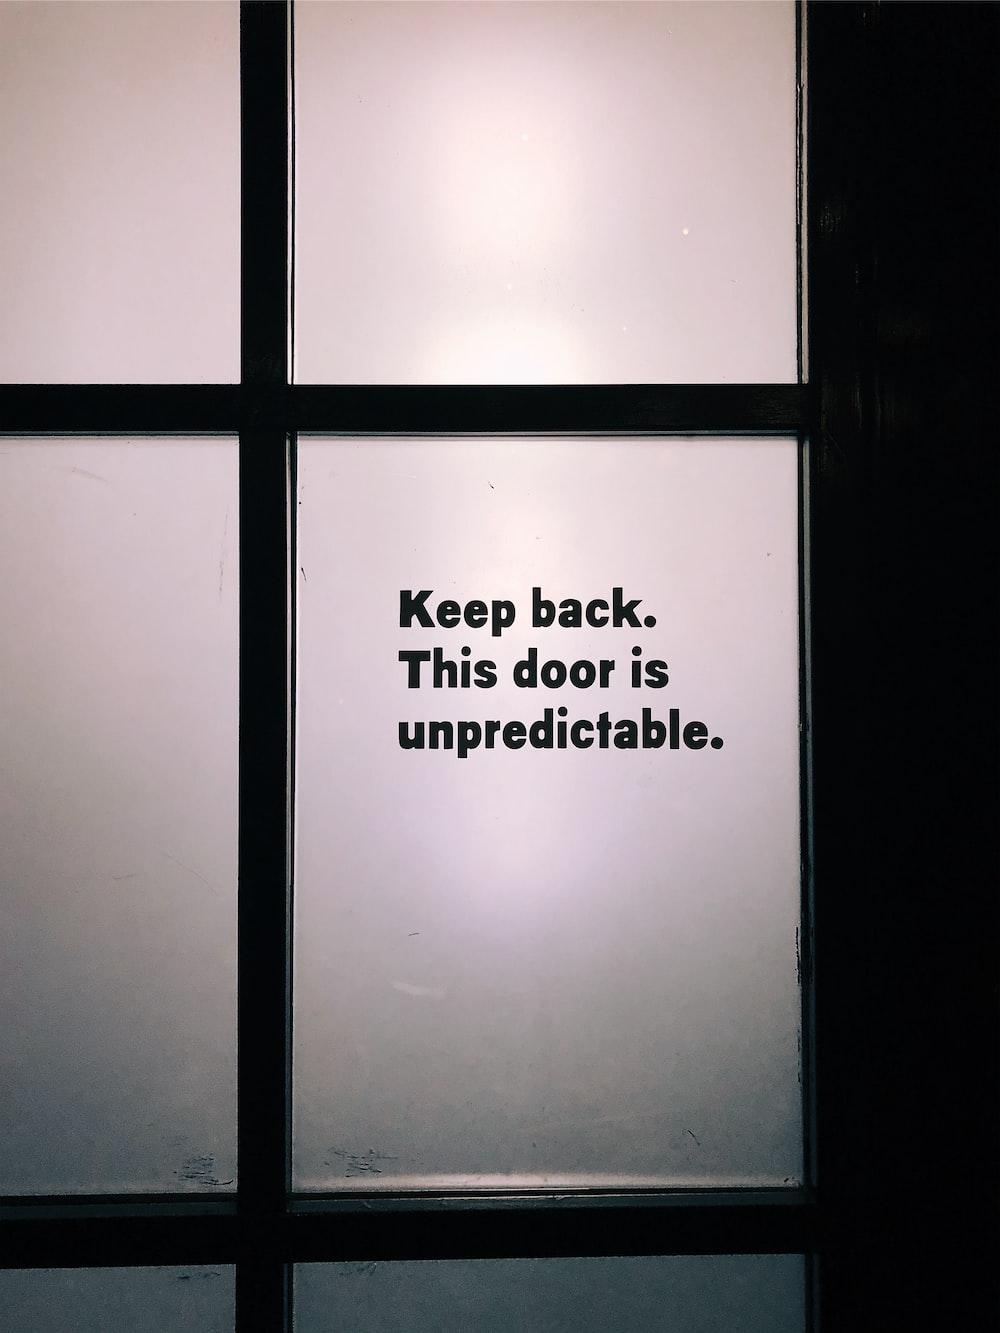 Keep back this door is unpredictable decals